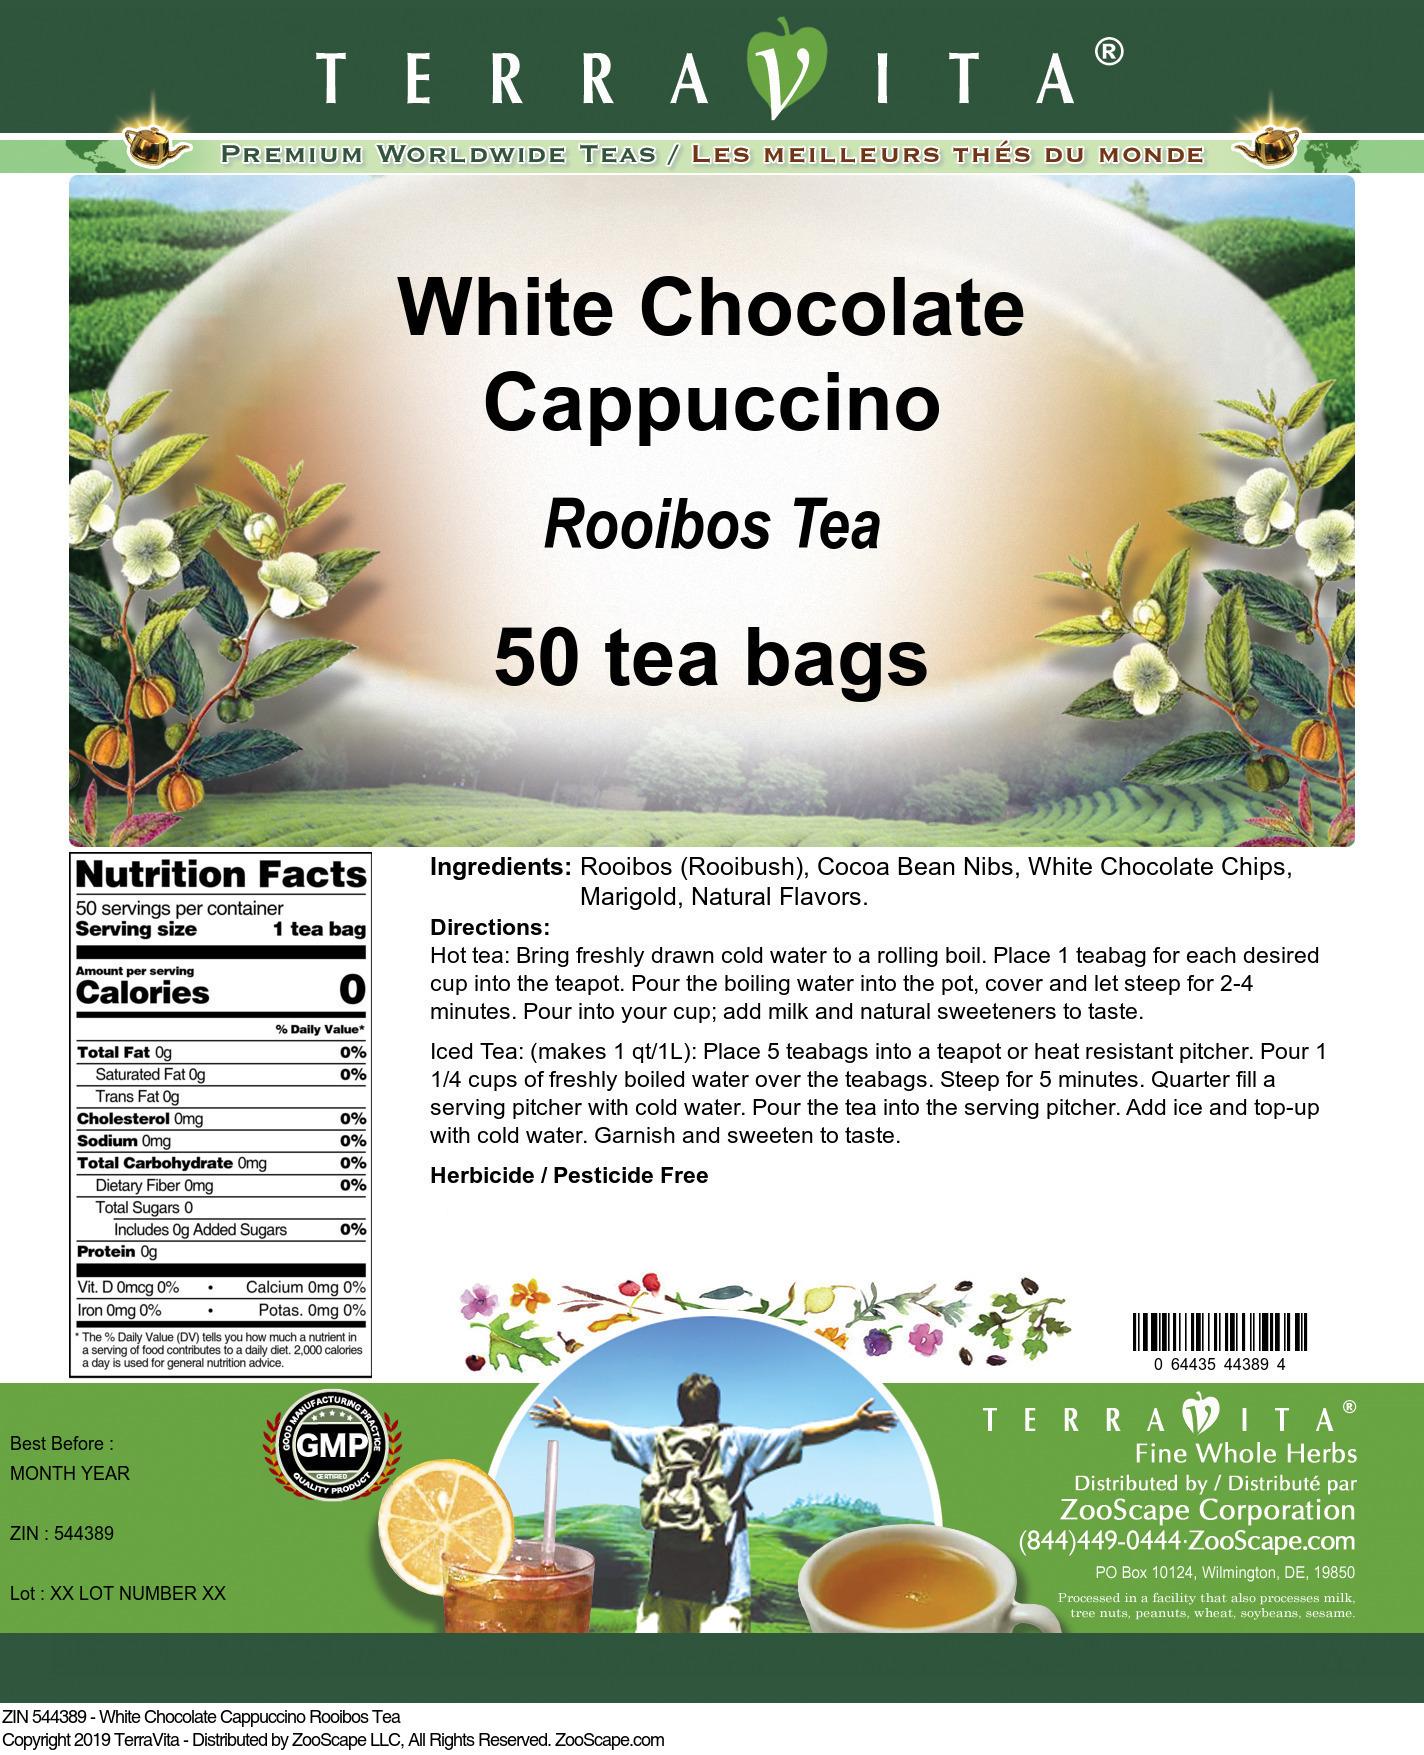 White Chocolate Cappuccino Rooibos Tea